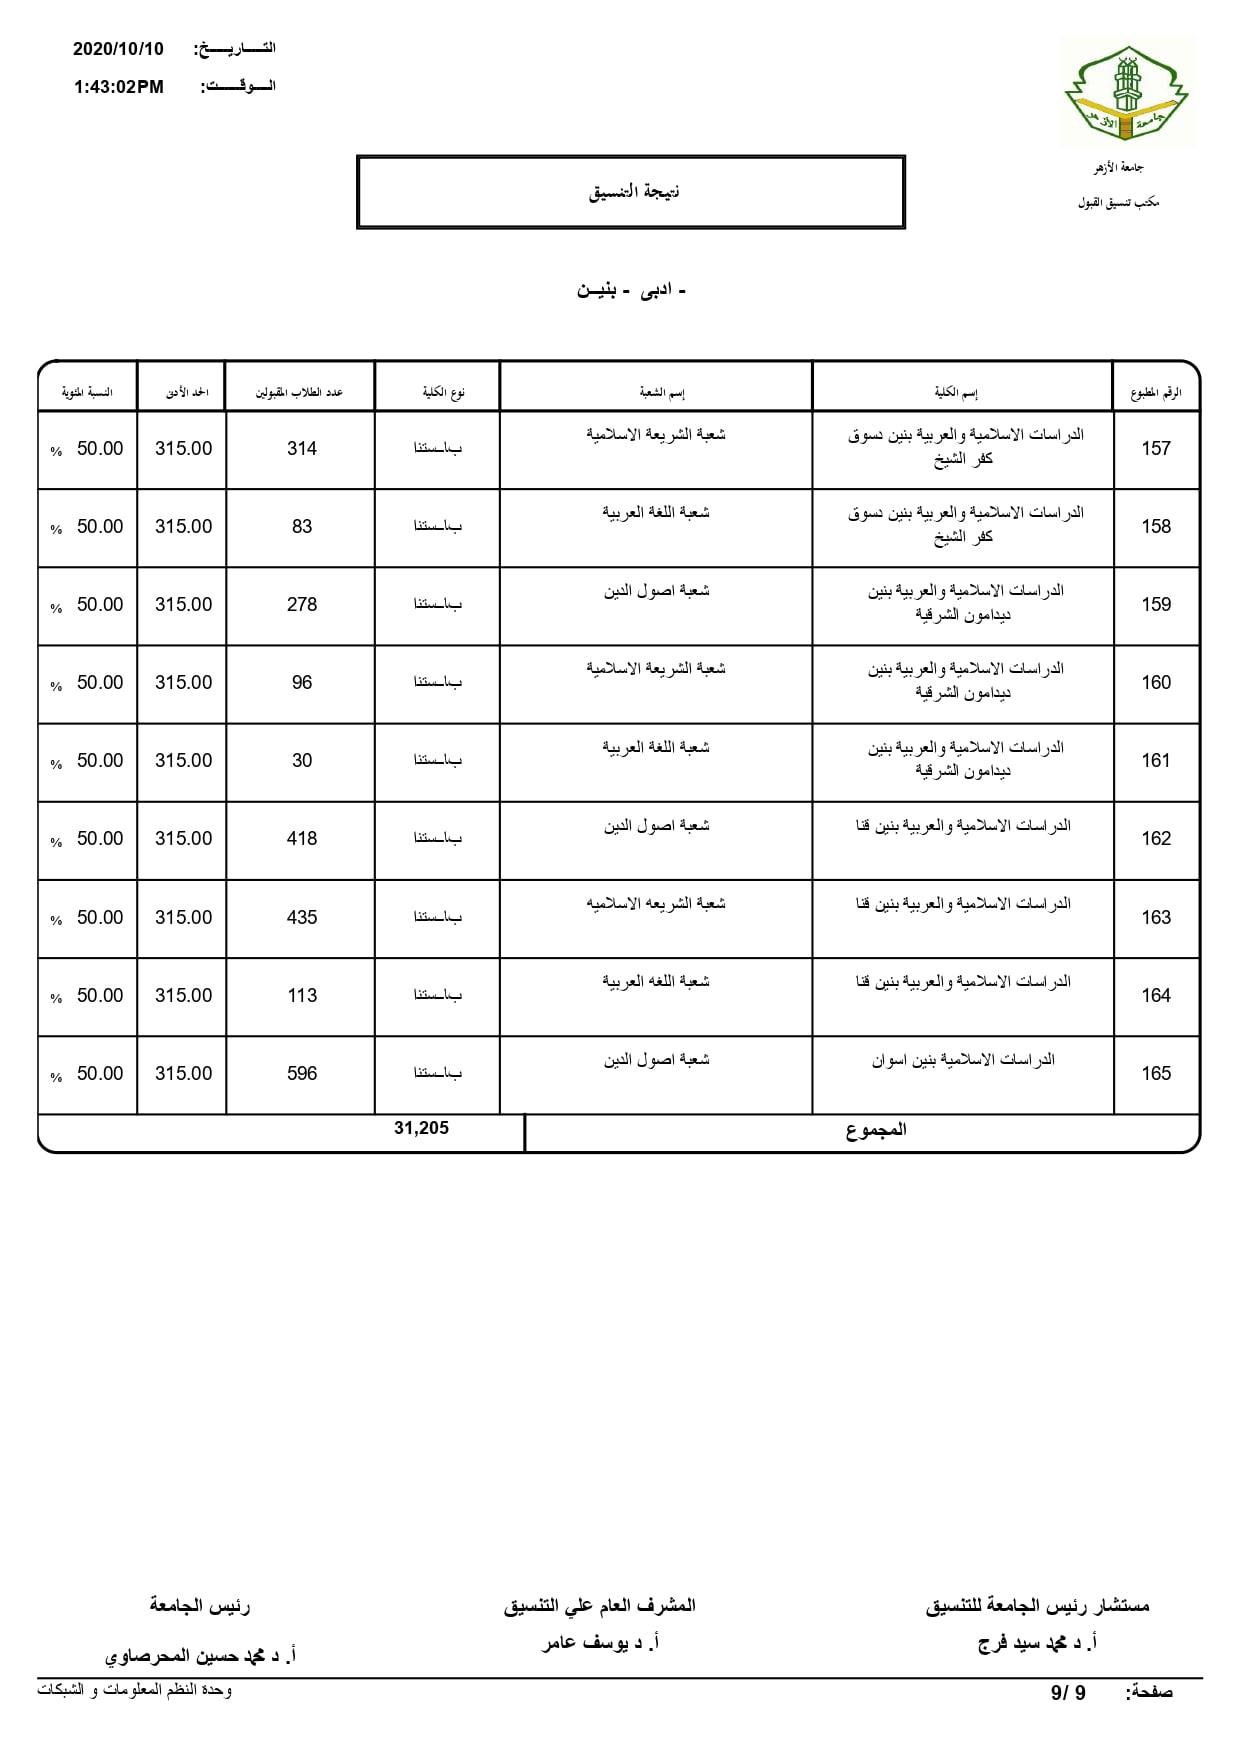 نتيجة تنسيق كليات جامعة الأزهر لعام 2020 بالكامل 20201010201846378